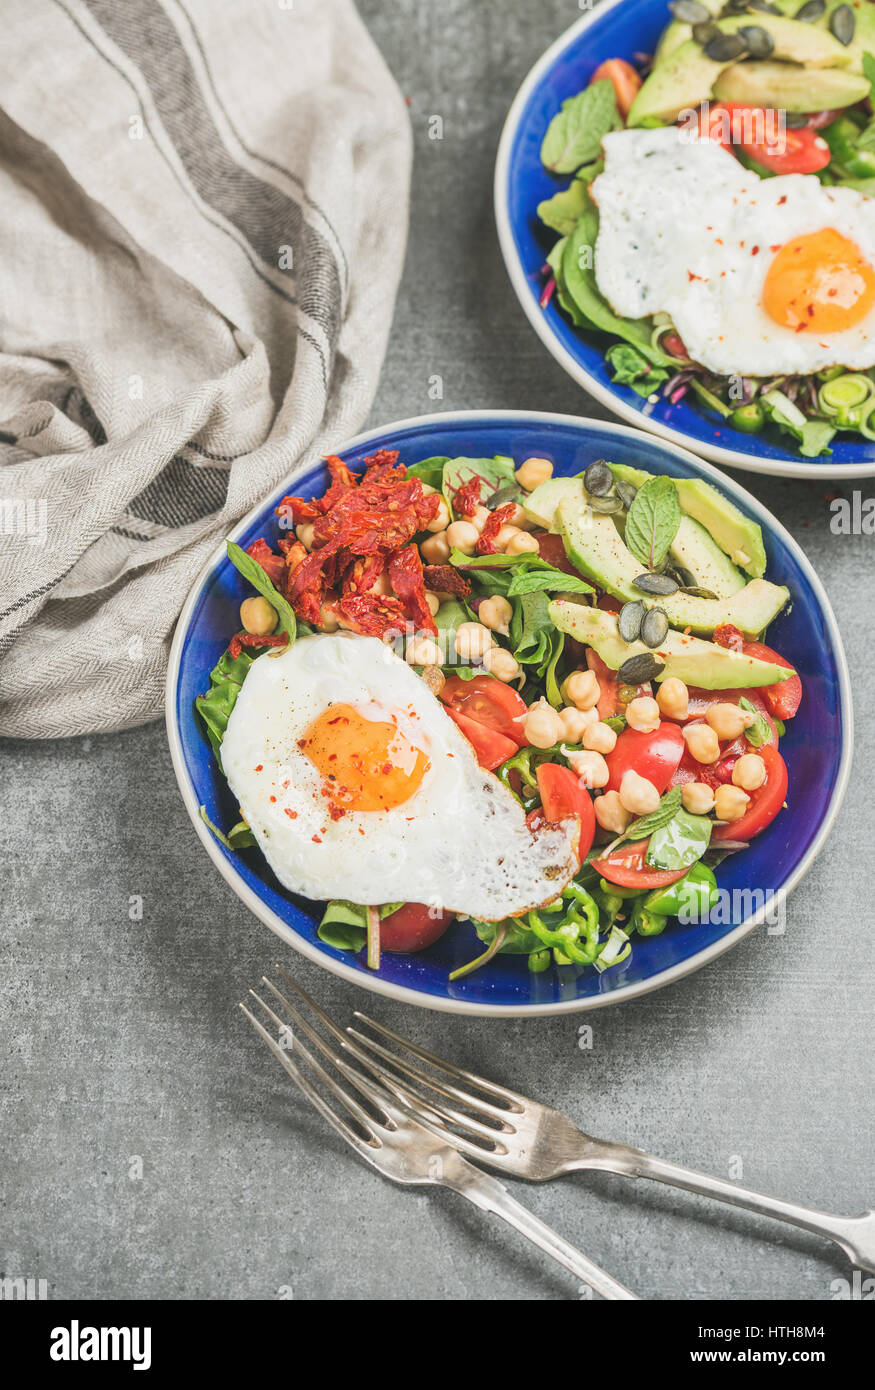 Petit-déjeuner sain avec des oeufs frits, les pois chiches, les légumes, les graines et les verts Photo Stock